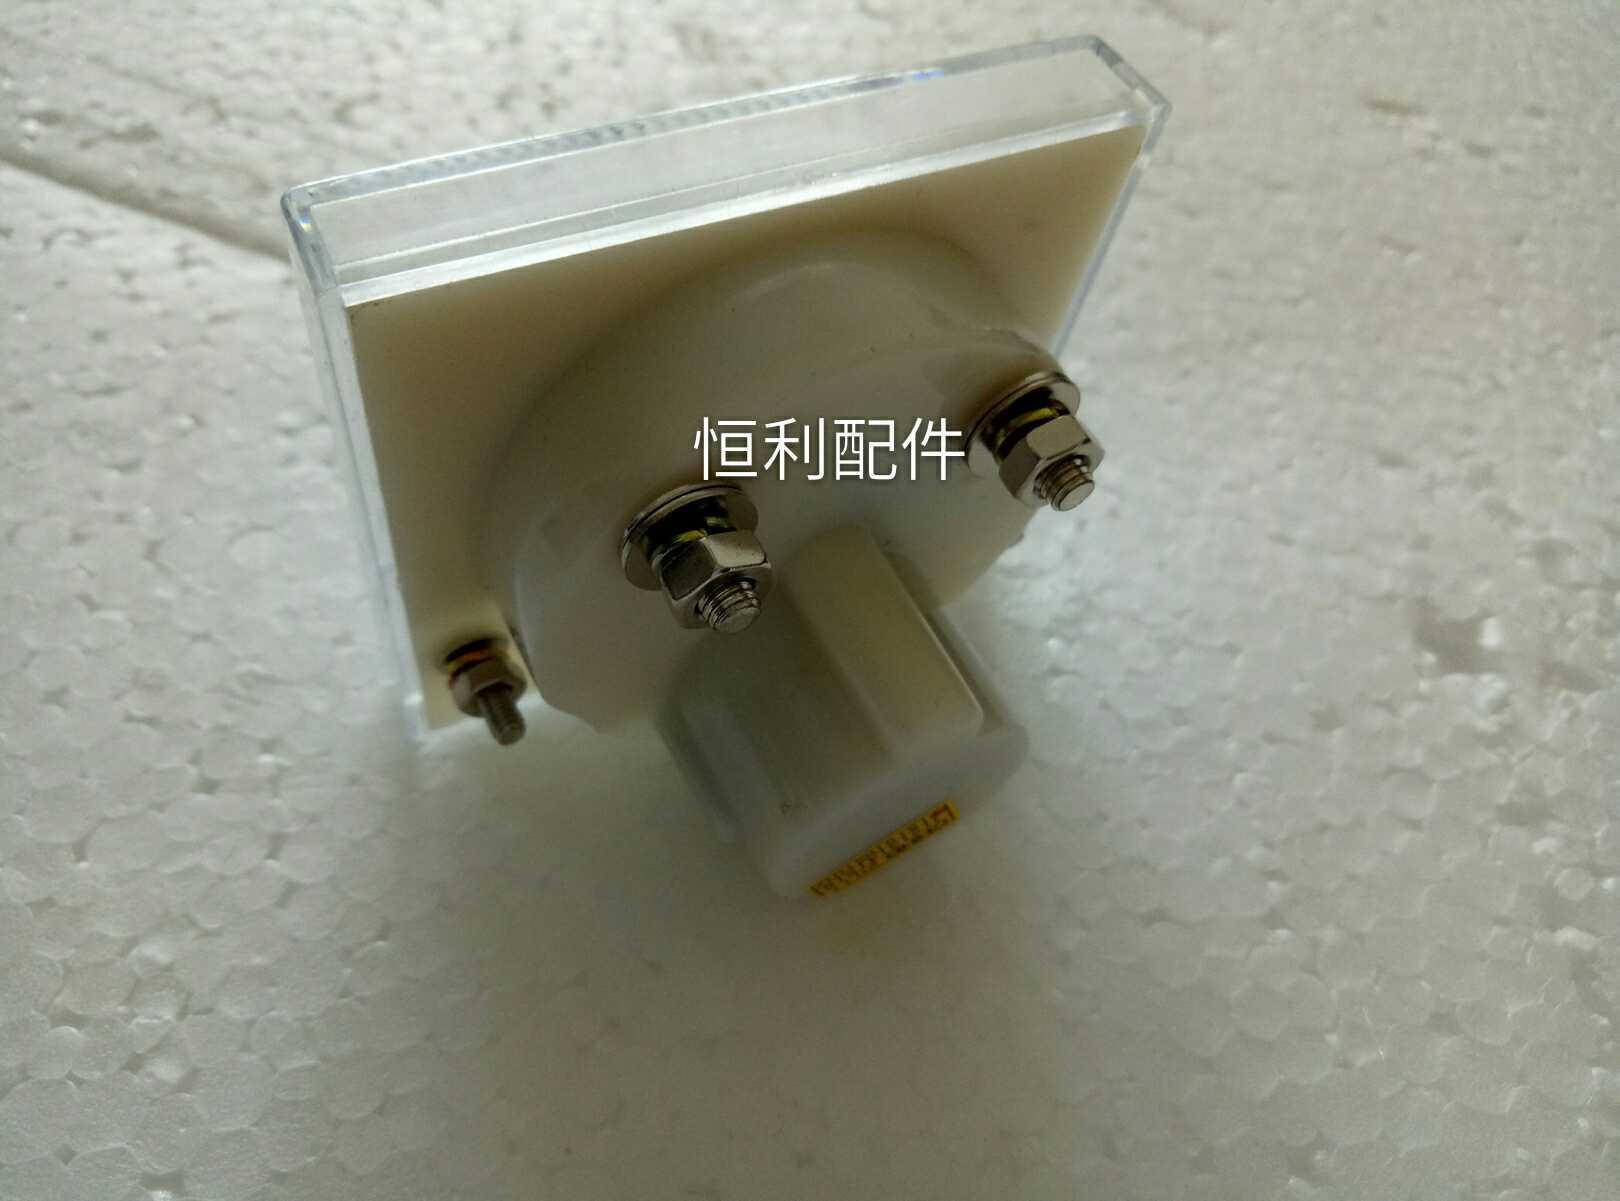 ดีเซลสูบเดียวมักจะรอก 3 5 8 / / / / / / / / / 10 12 15 20kw24 ชุดเครื่องกำเนิดไฟฟ้าดีเซล 3 เฟส 380 โวลต์มิเตอร์